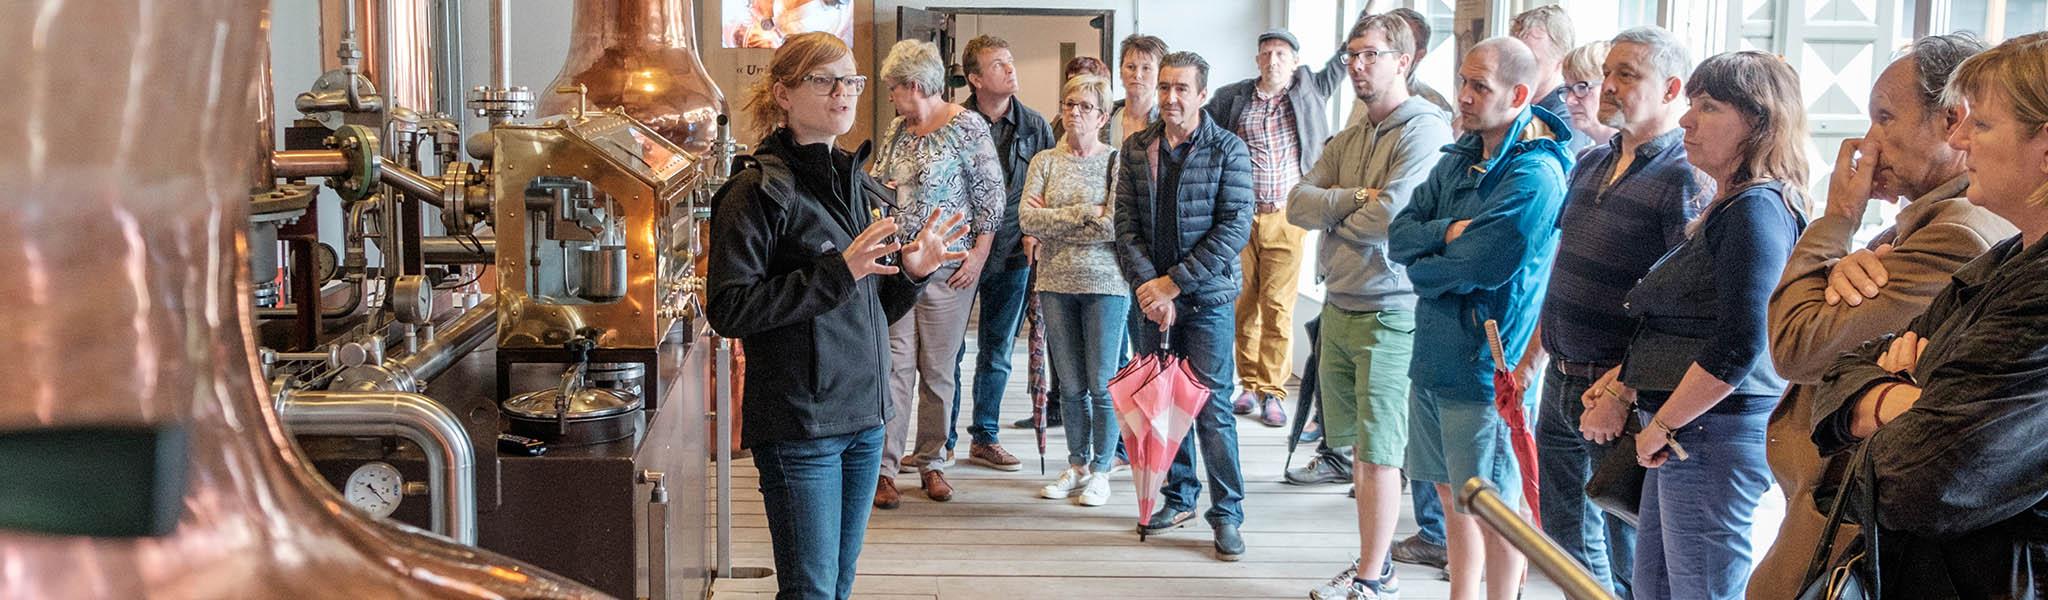 Stokerijbezoek met gids en bezoekers - Stokerij De Molenberg